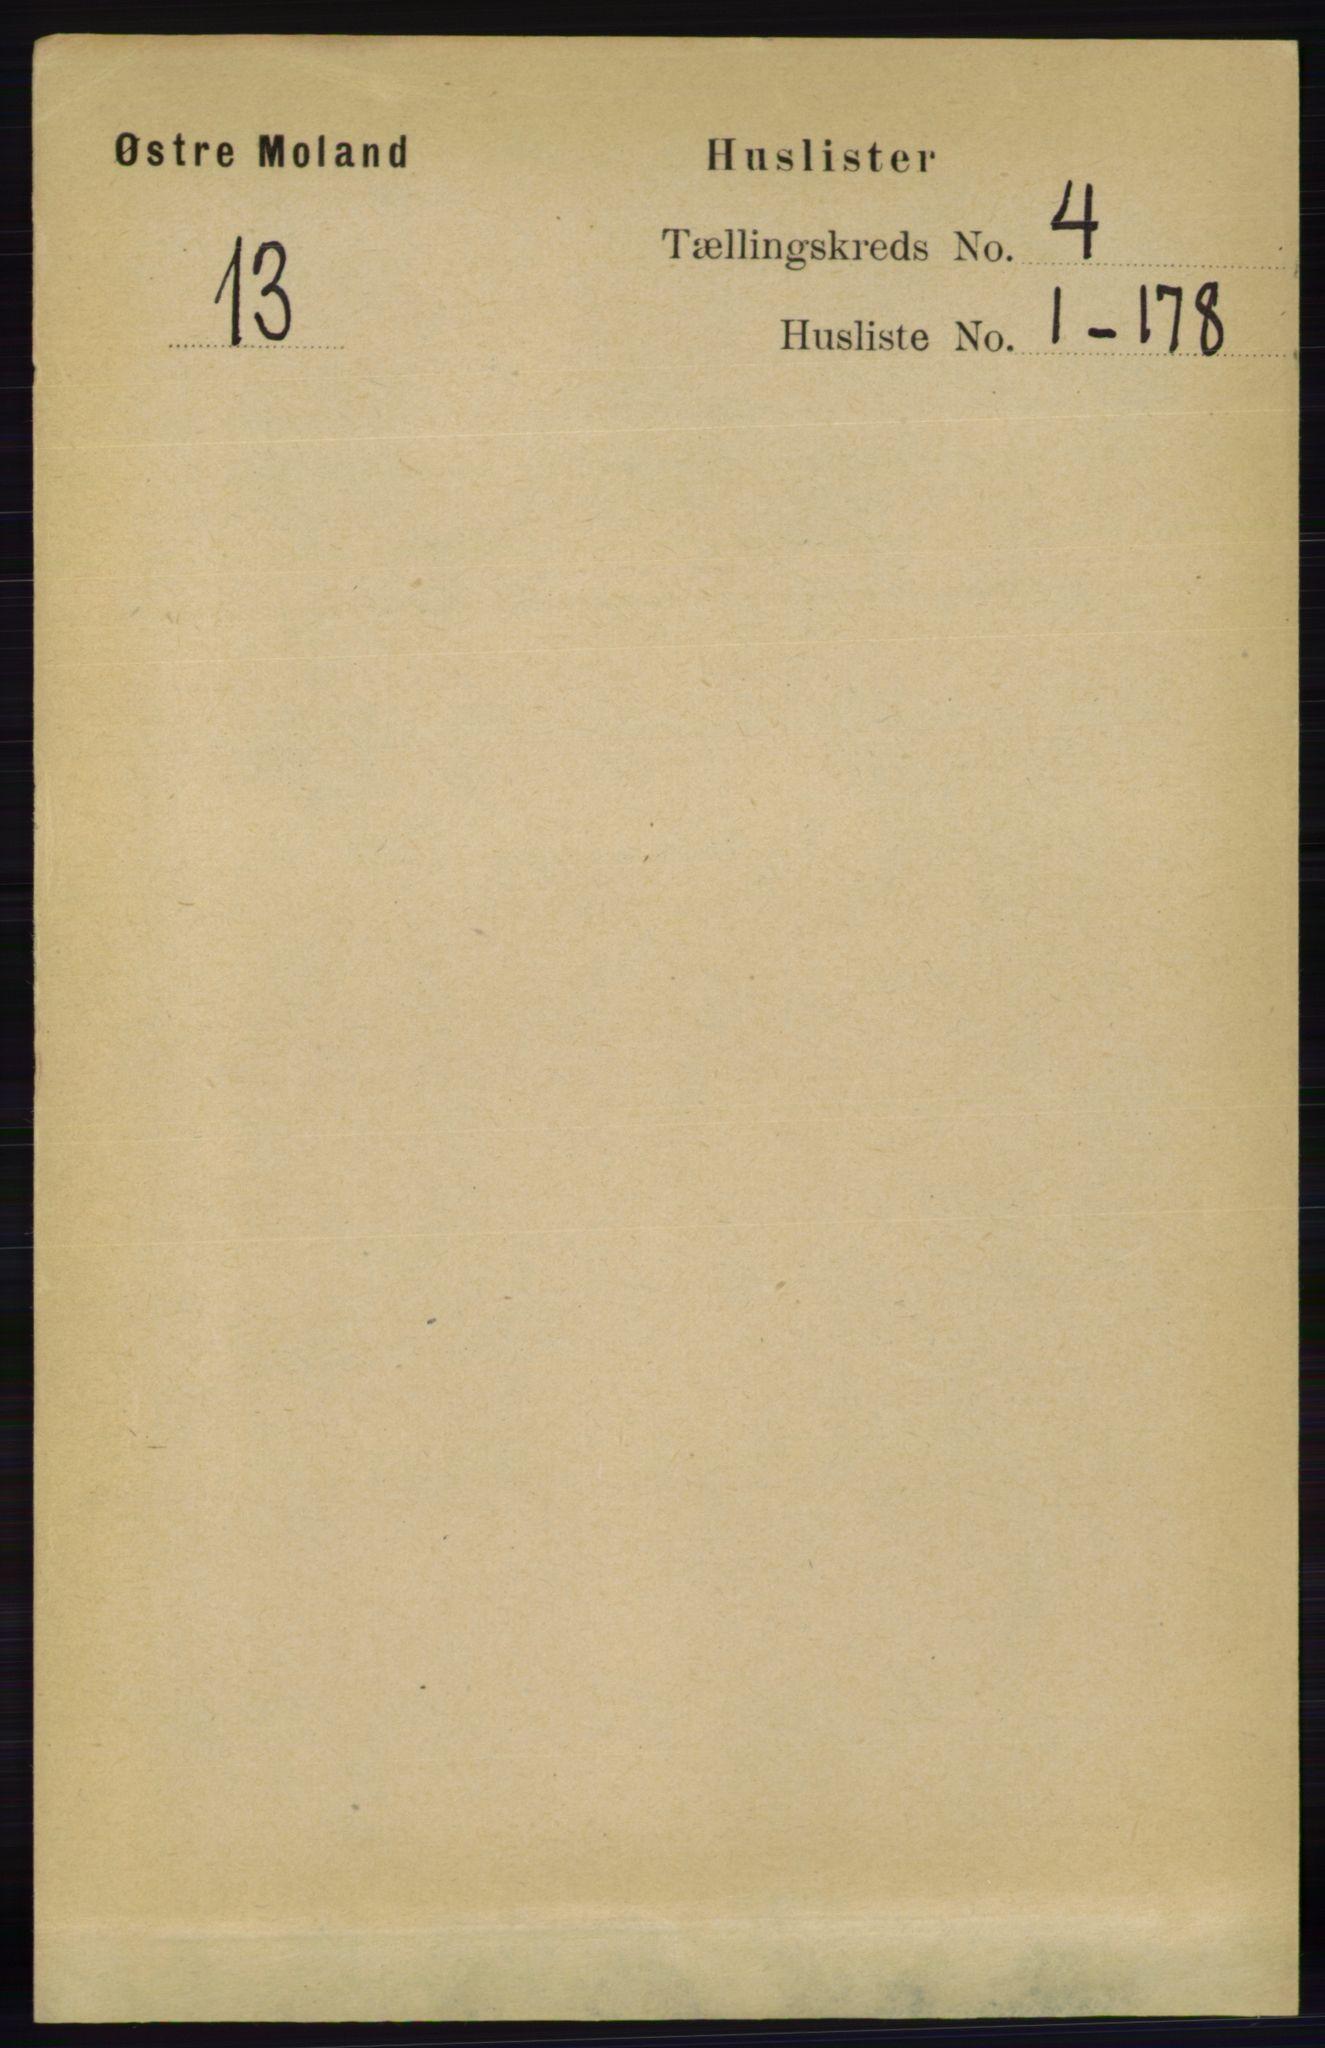 RA, Folketelling 1891 for 0918 Austre Moland herred, 1891, s. 1896